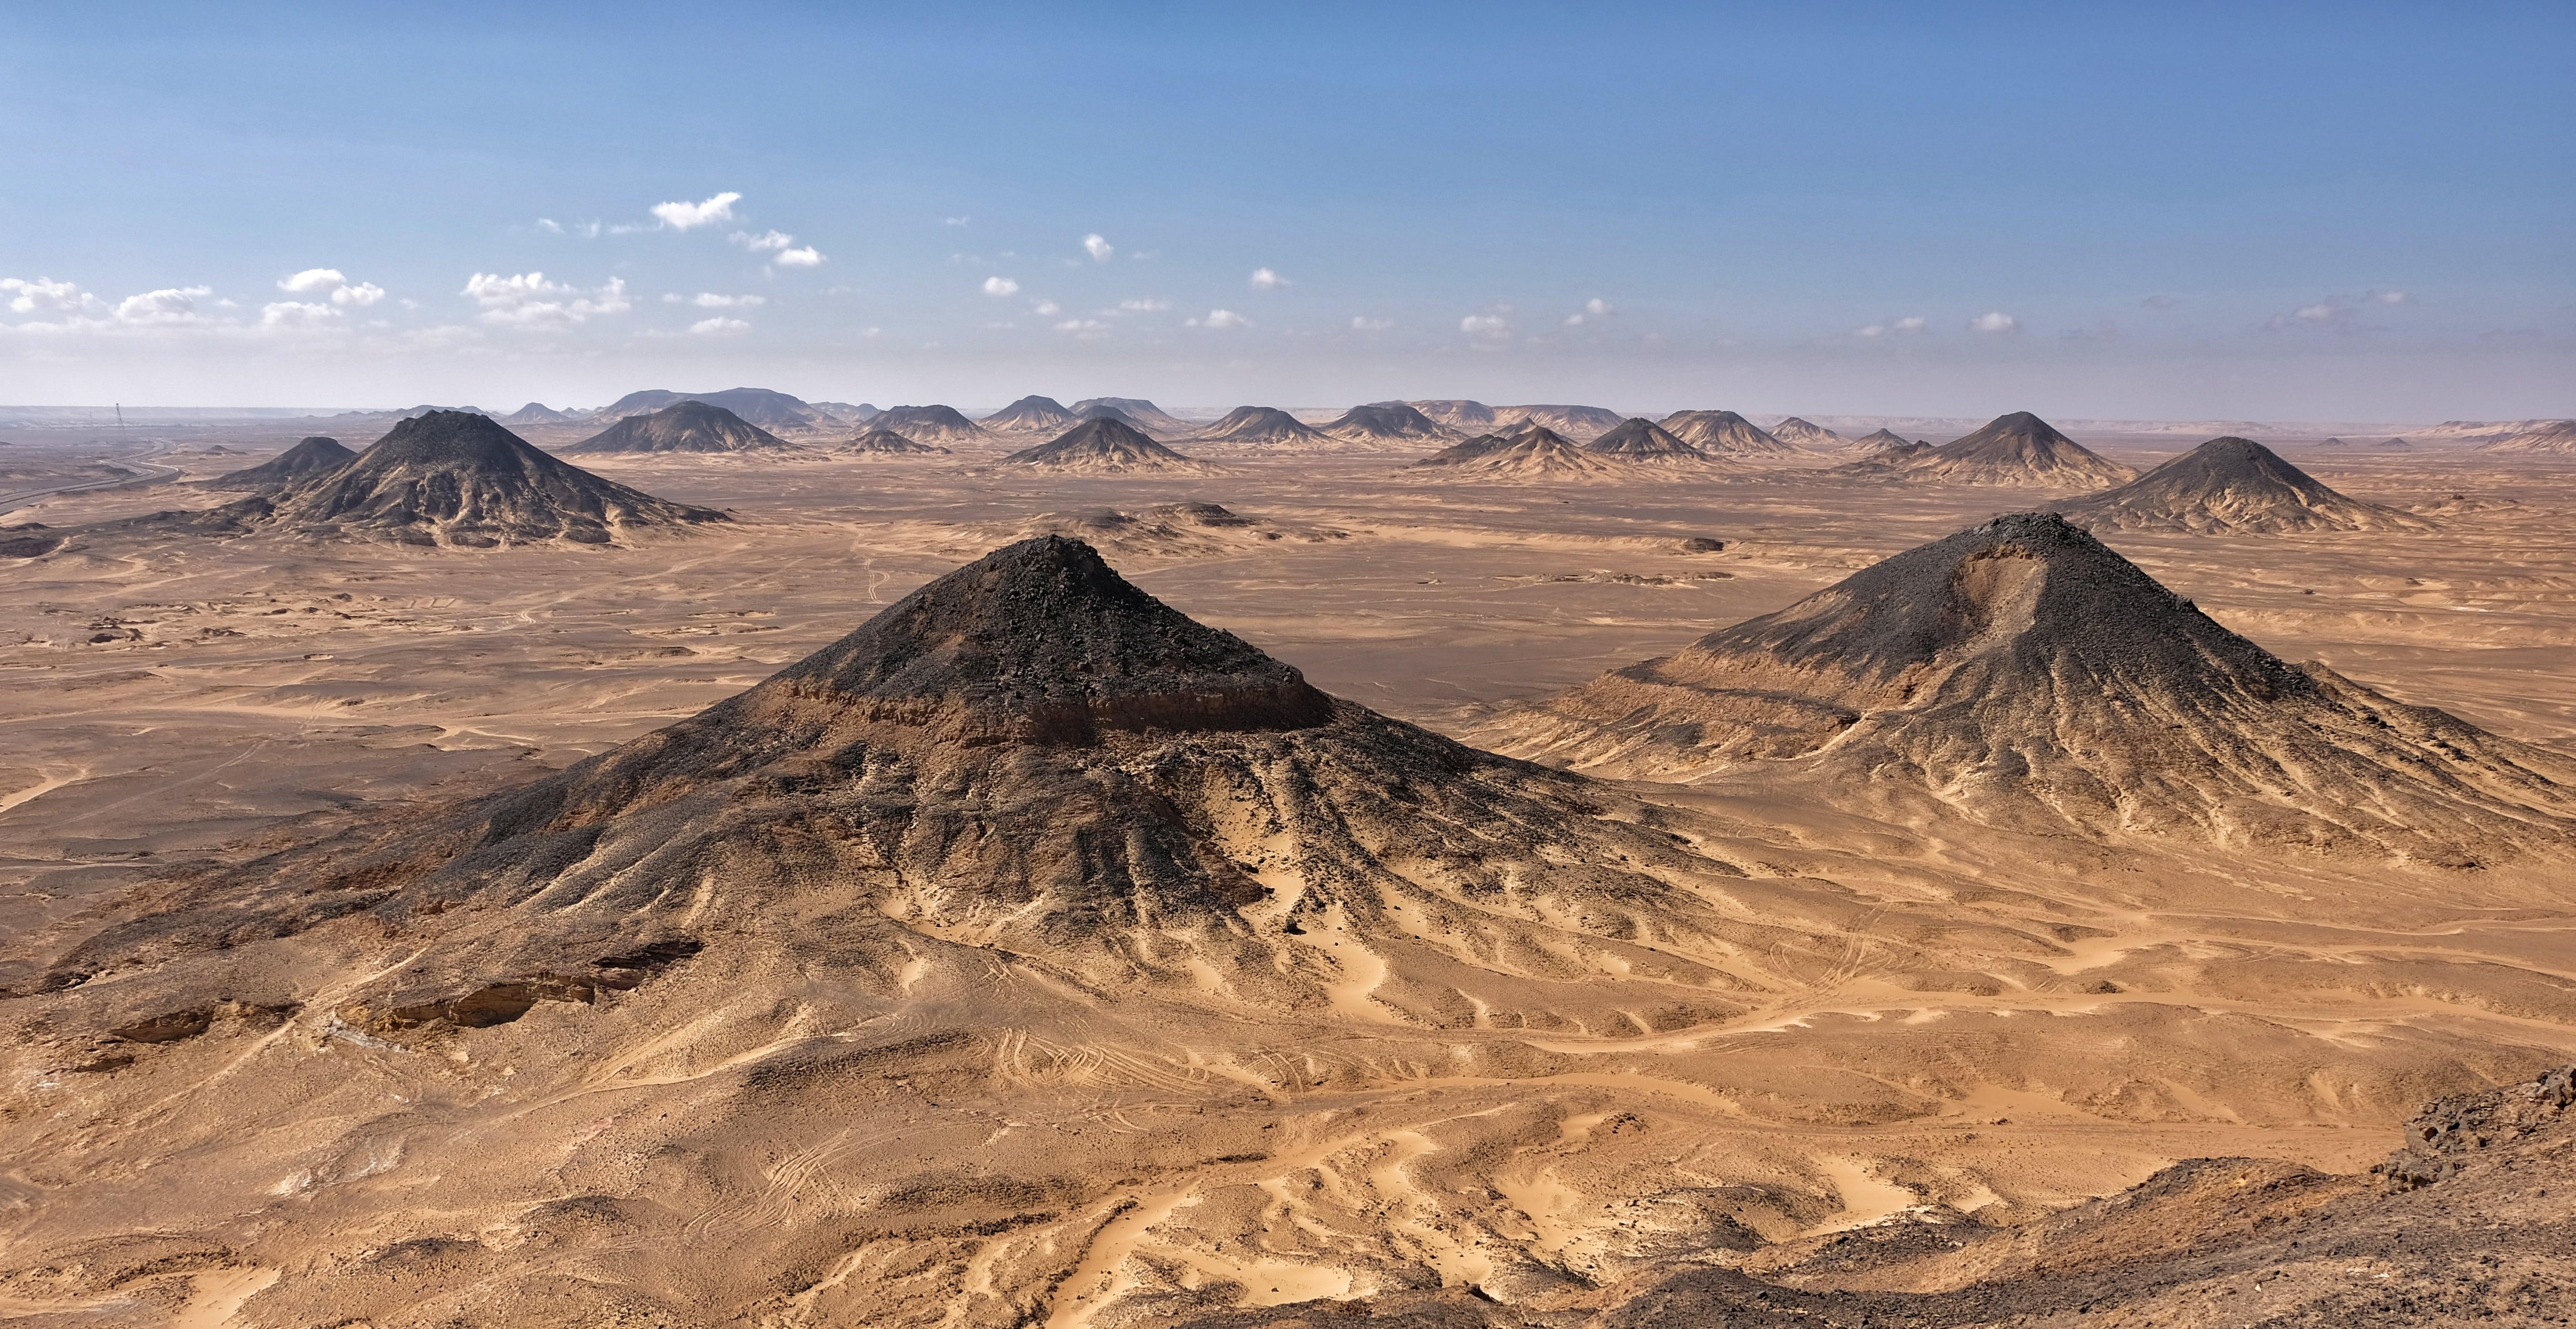 Deserto in Bianco e Nero